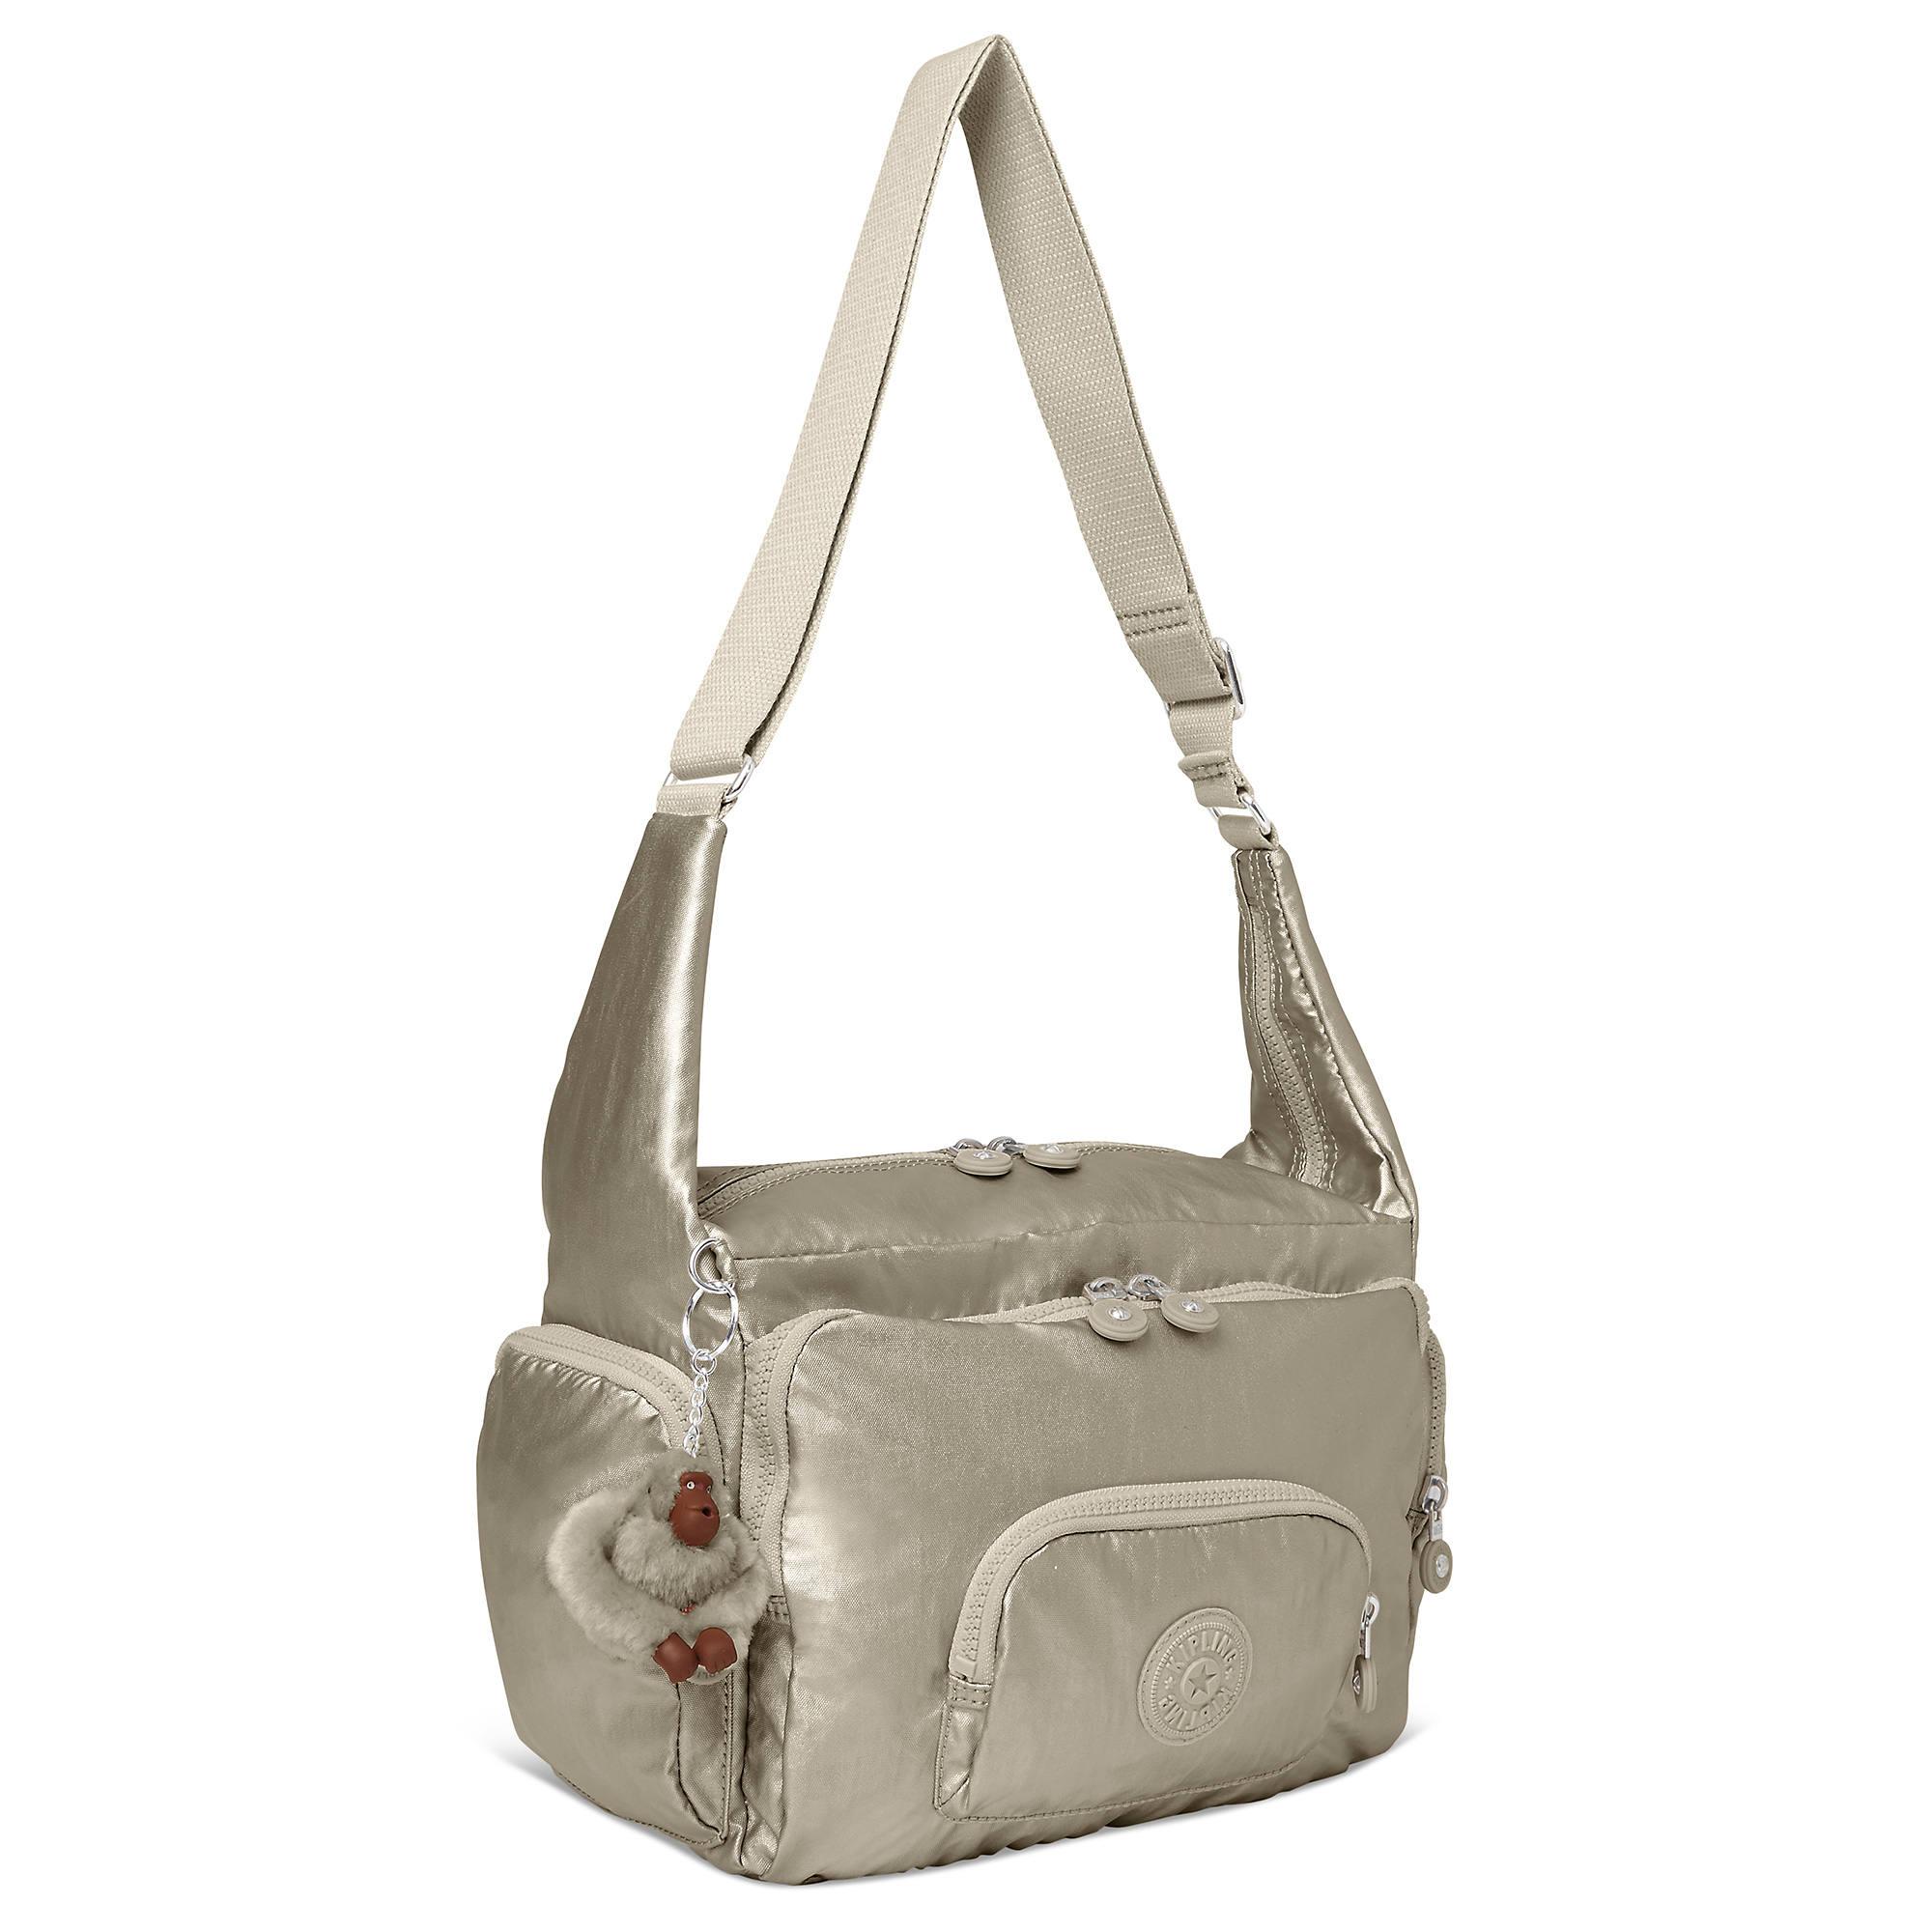 Erica Metallic Handbag Pewter Large